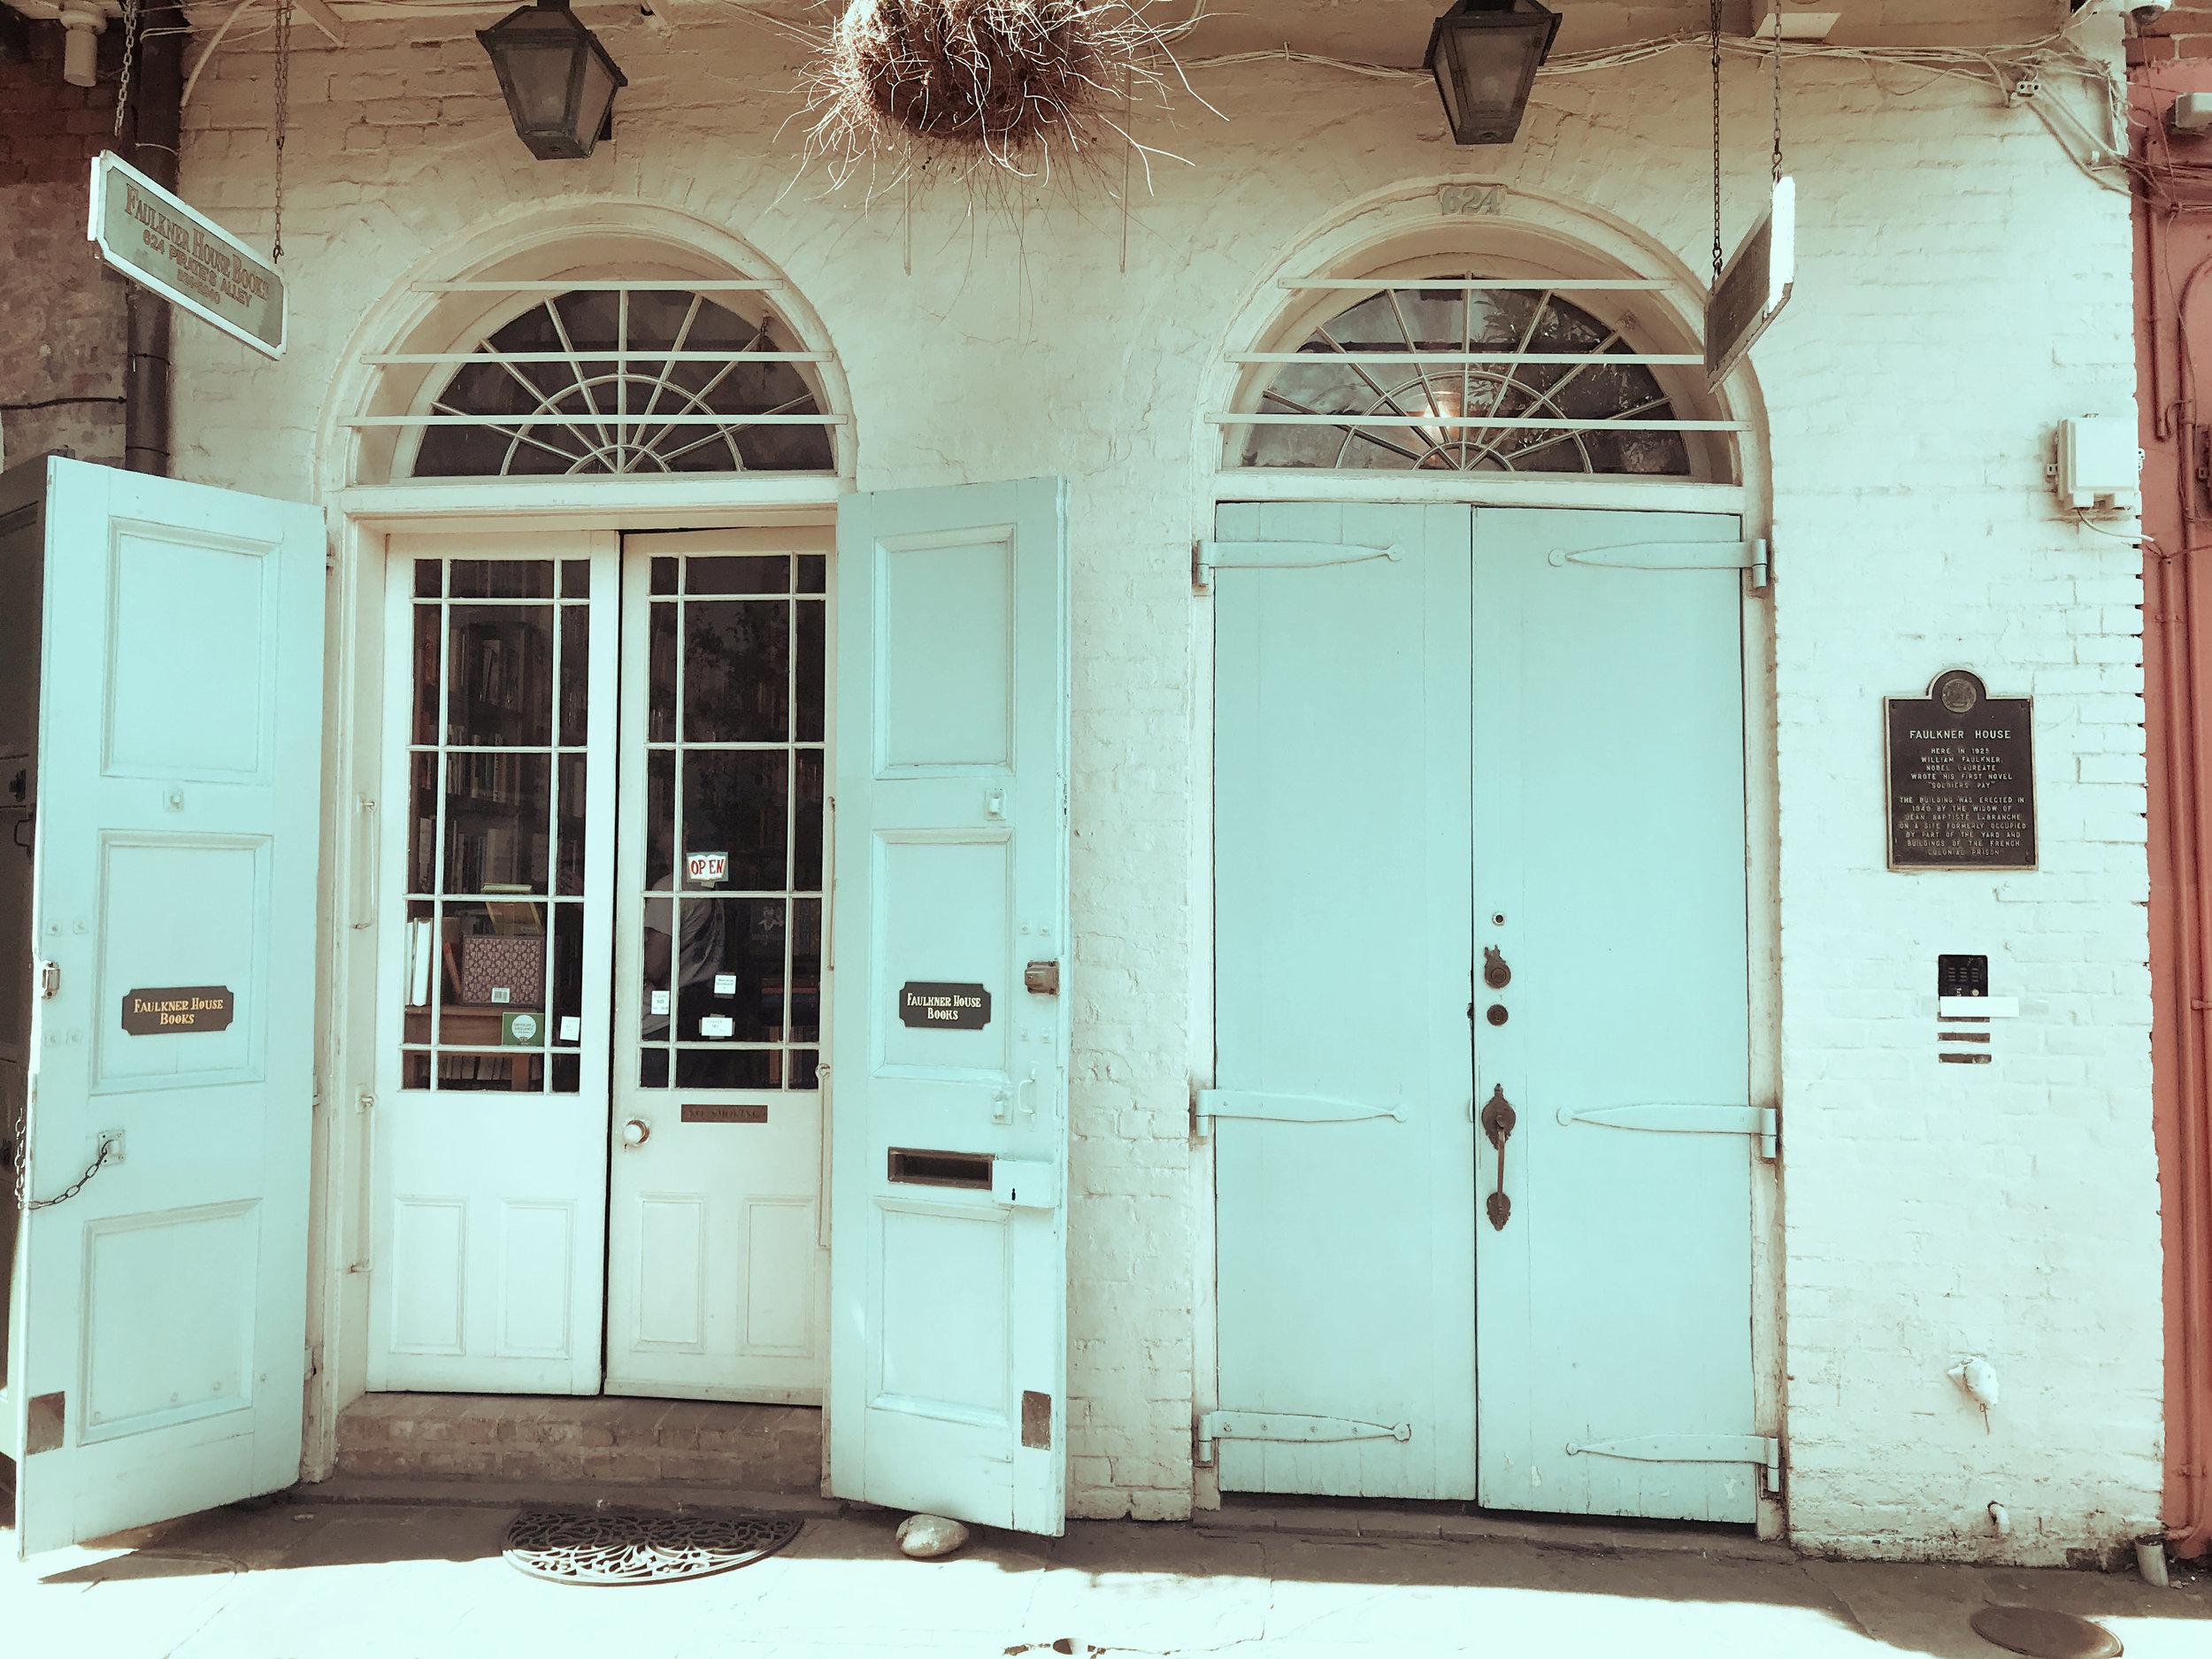 Faulkner's former residence now Faulkner House Books.